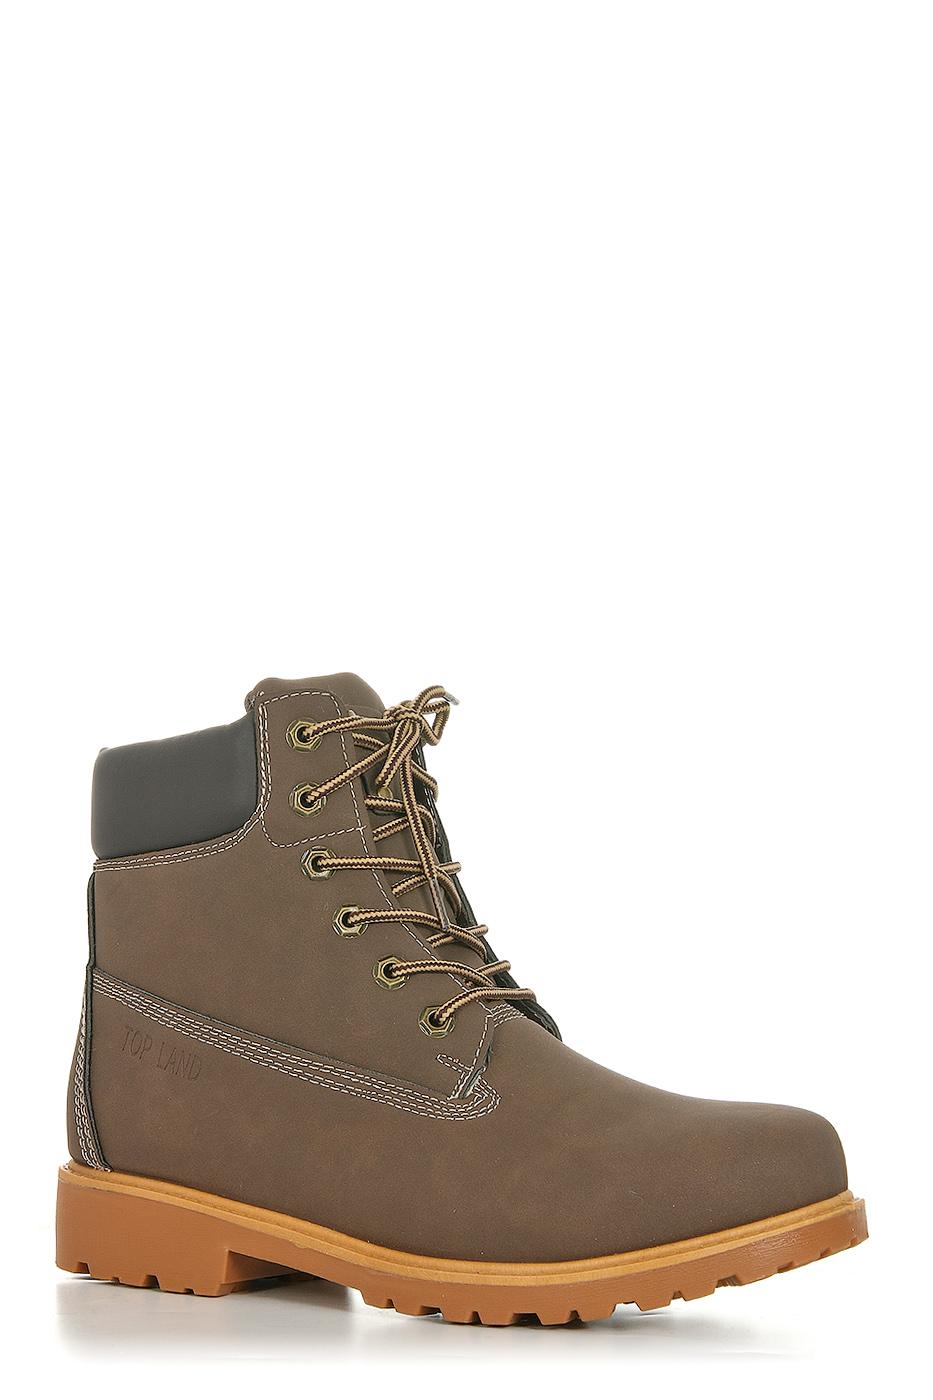 Ботинки TOPLAND1323-PB76214F/BROWN